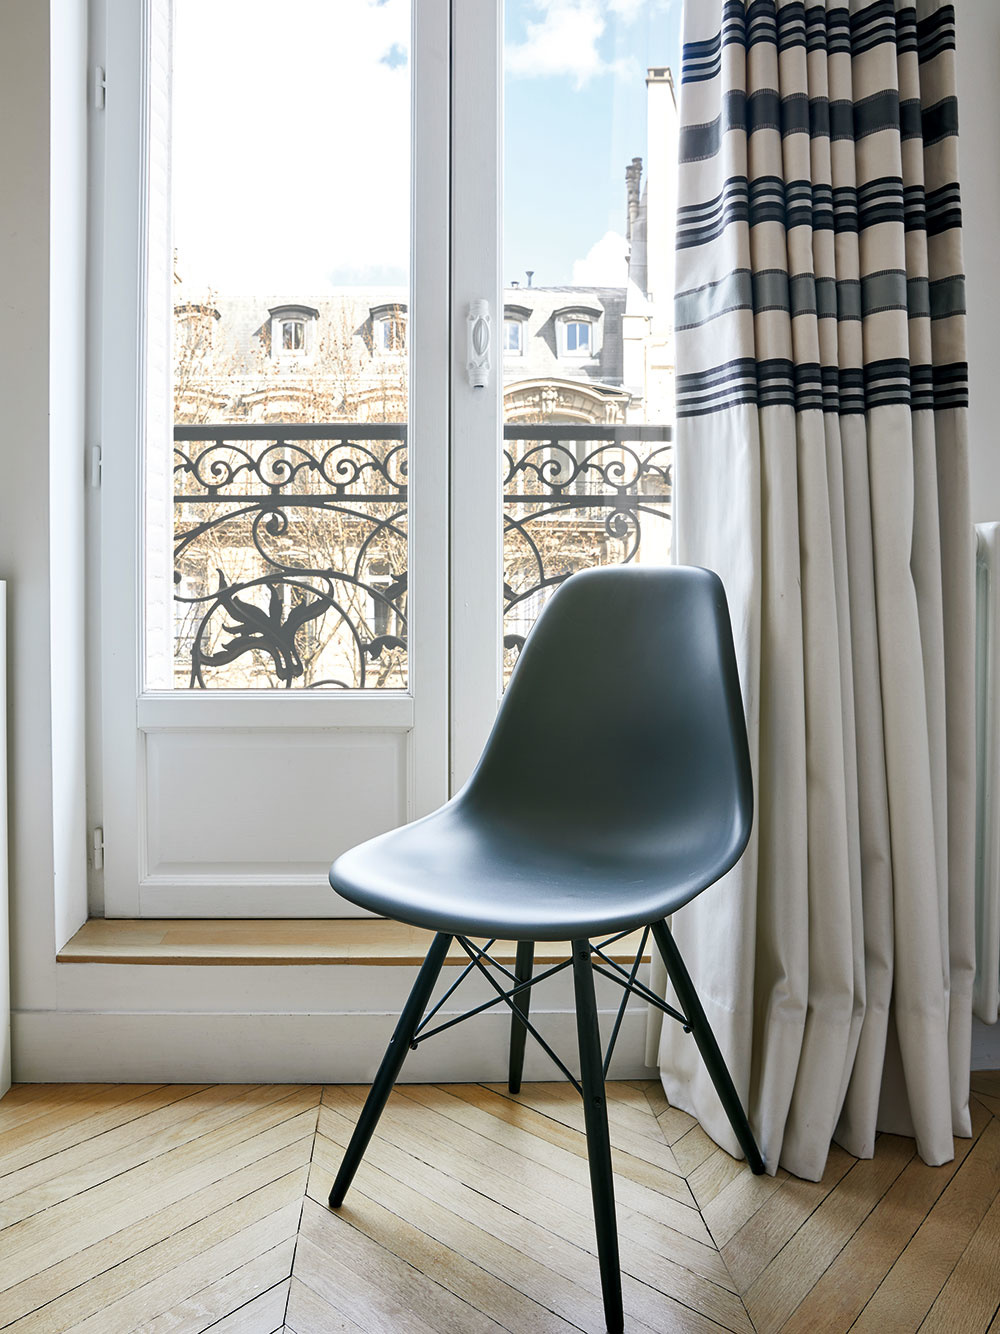 HAUSMANNOVSKÉ BUDOVY majú vkaždej parížskej štvrti rovnaký počet poschodí arovnaké rysy fasád. Chýbať nesmie ozdobné kované zábradlie. Výhľad na Eiffelovu vežu je už len bonusom niektorých znich.